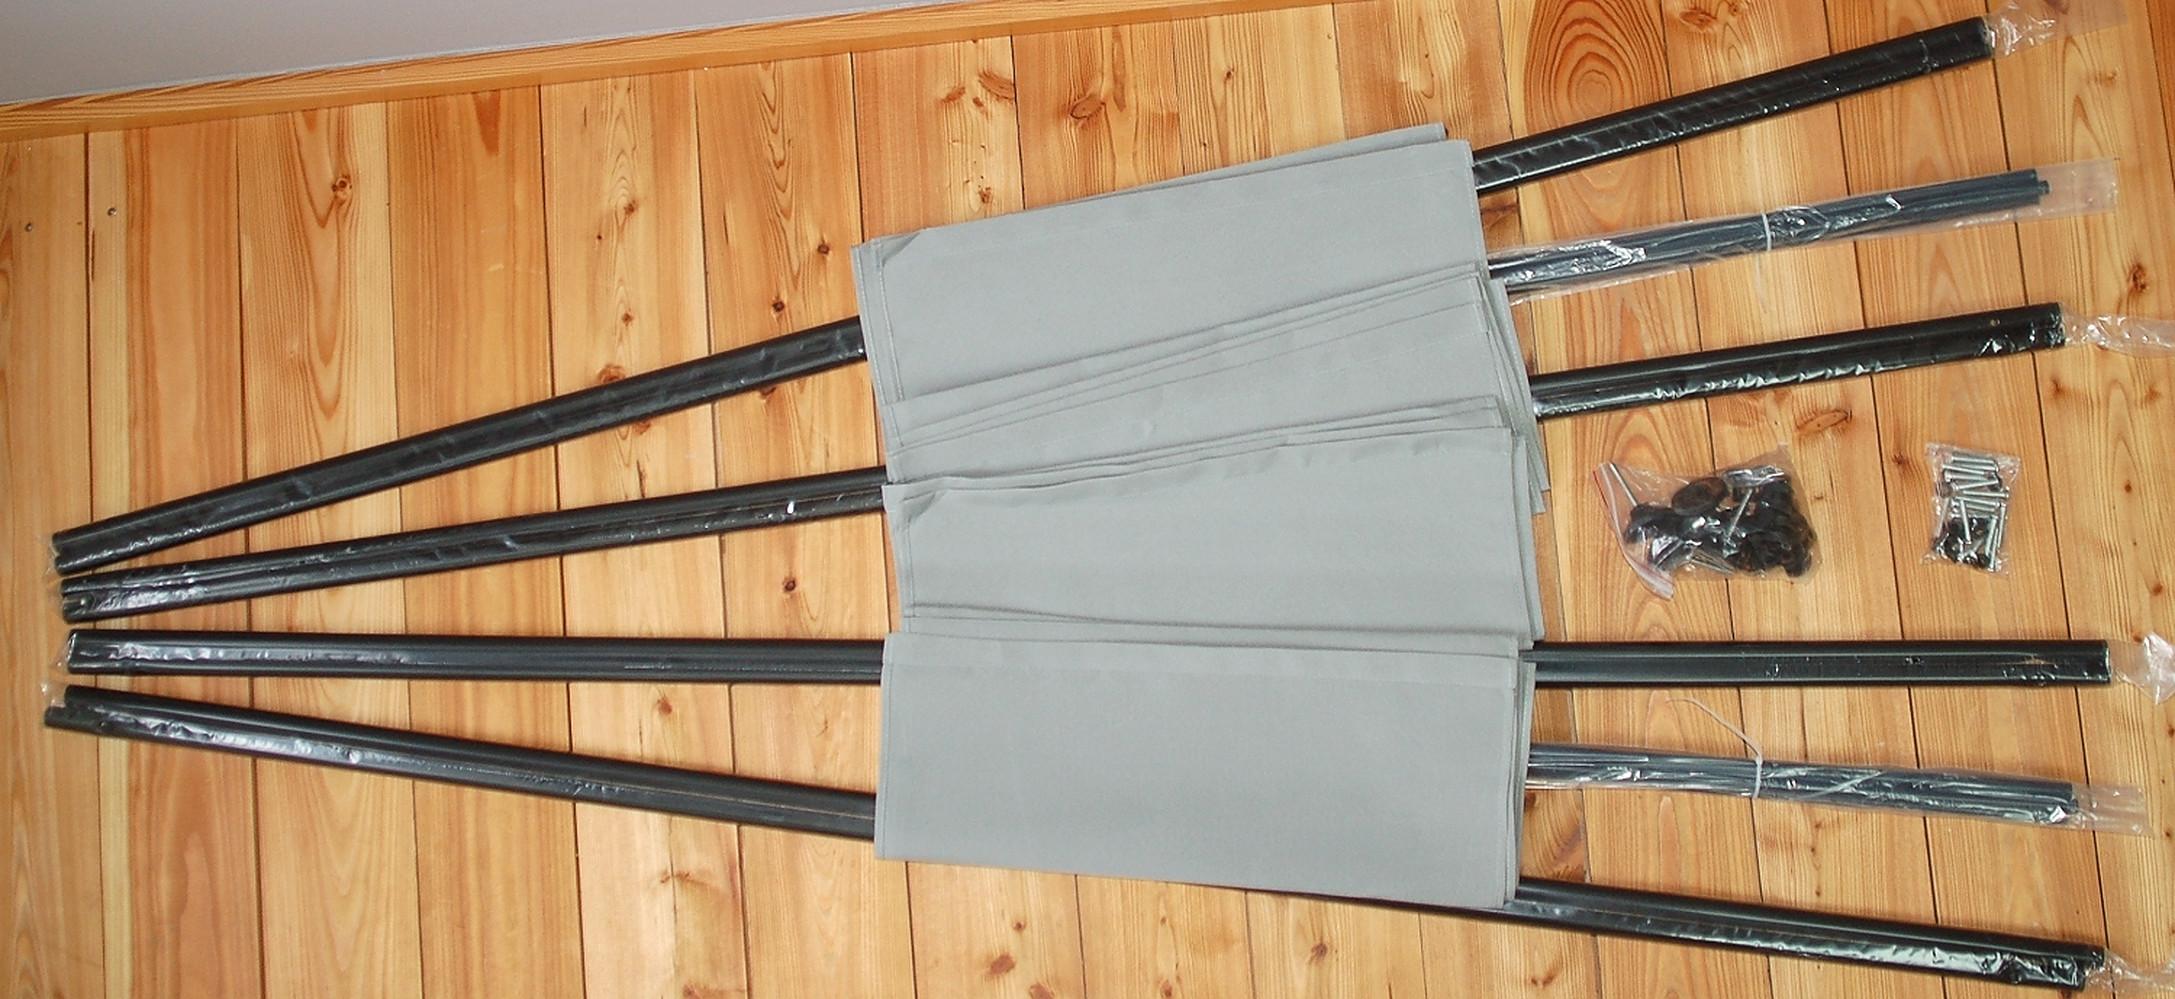 Full Size of Imc Paravent 4 Teilig Grau Raumteiler Trennwand Sichtschutz Garten Wohnzimmer Paravent Balkon